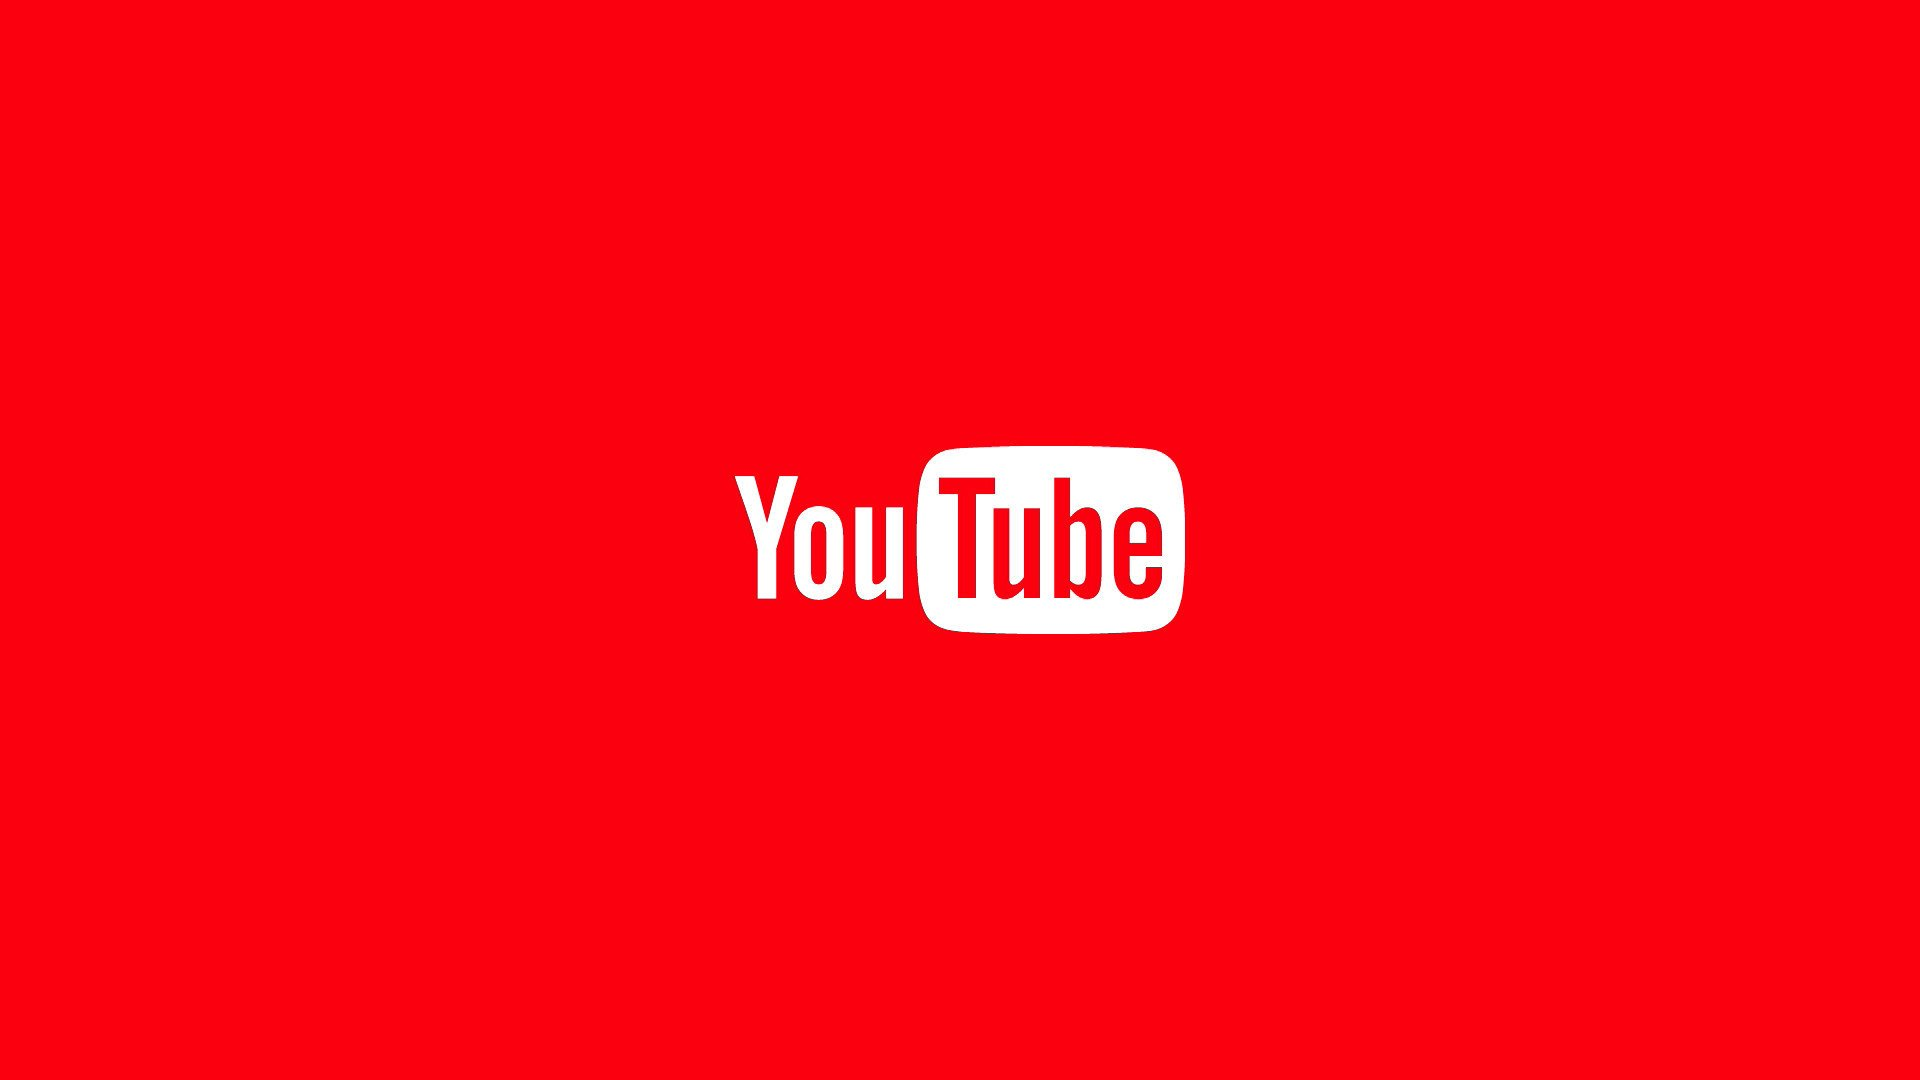 O criador HulkBR tem vindo a ser duramente criticado por toda a comunidade de criadores por usar thumbnails com conteúdo sexual no YouTube.